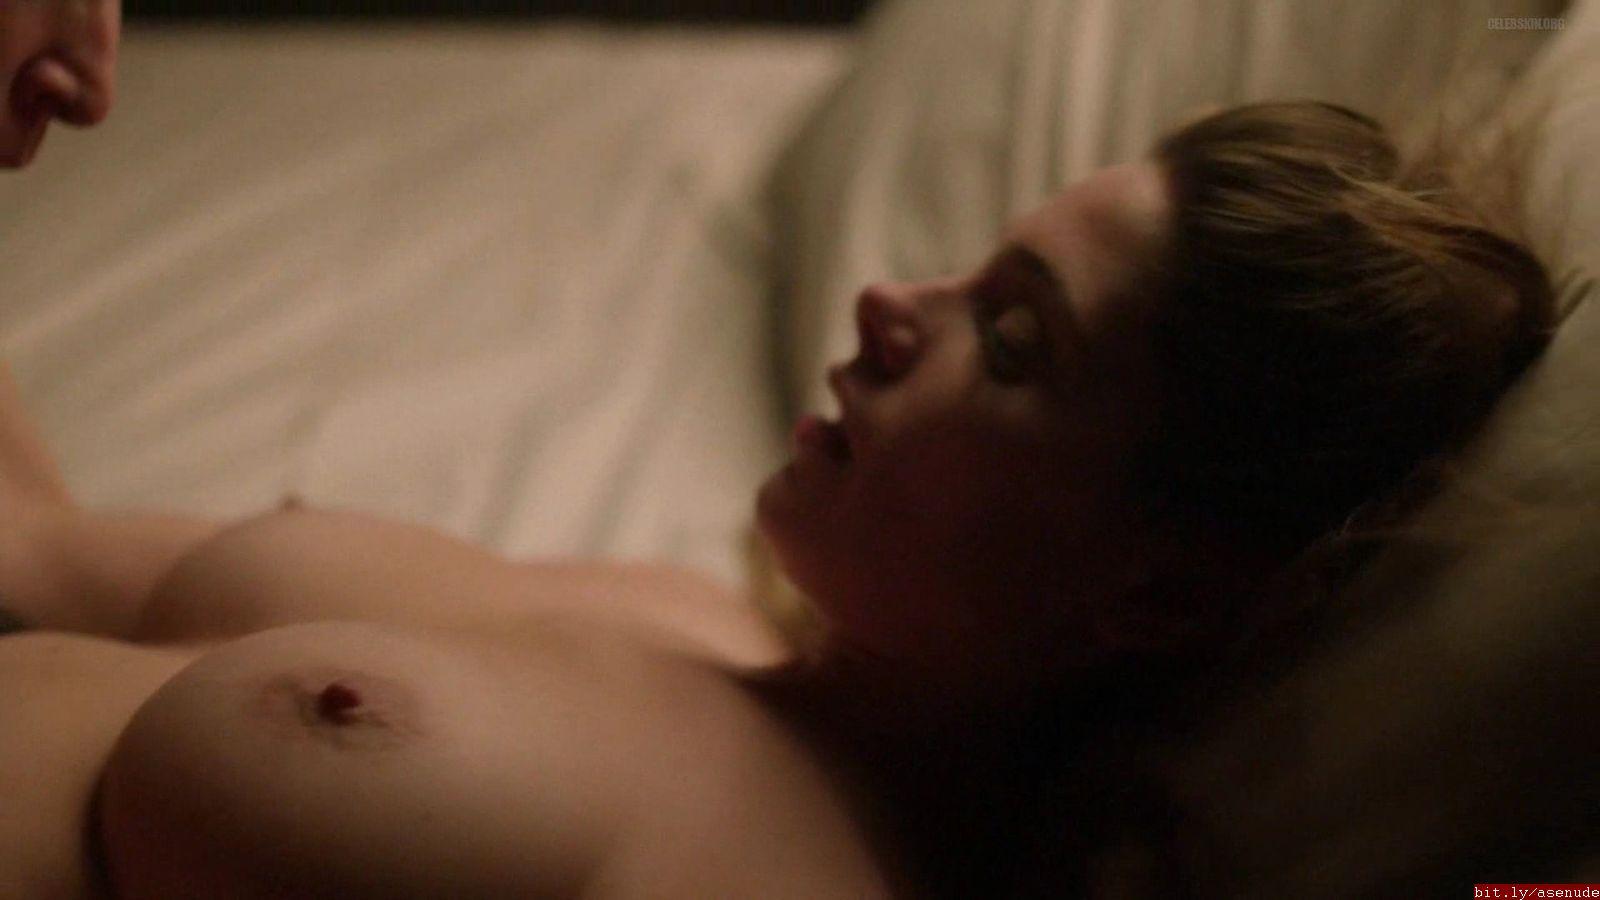 Naked pics ashley greene leaked nude